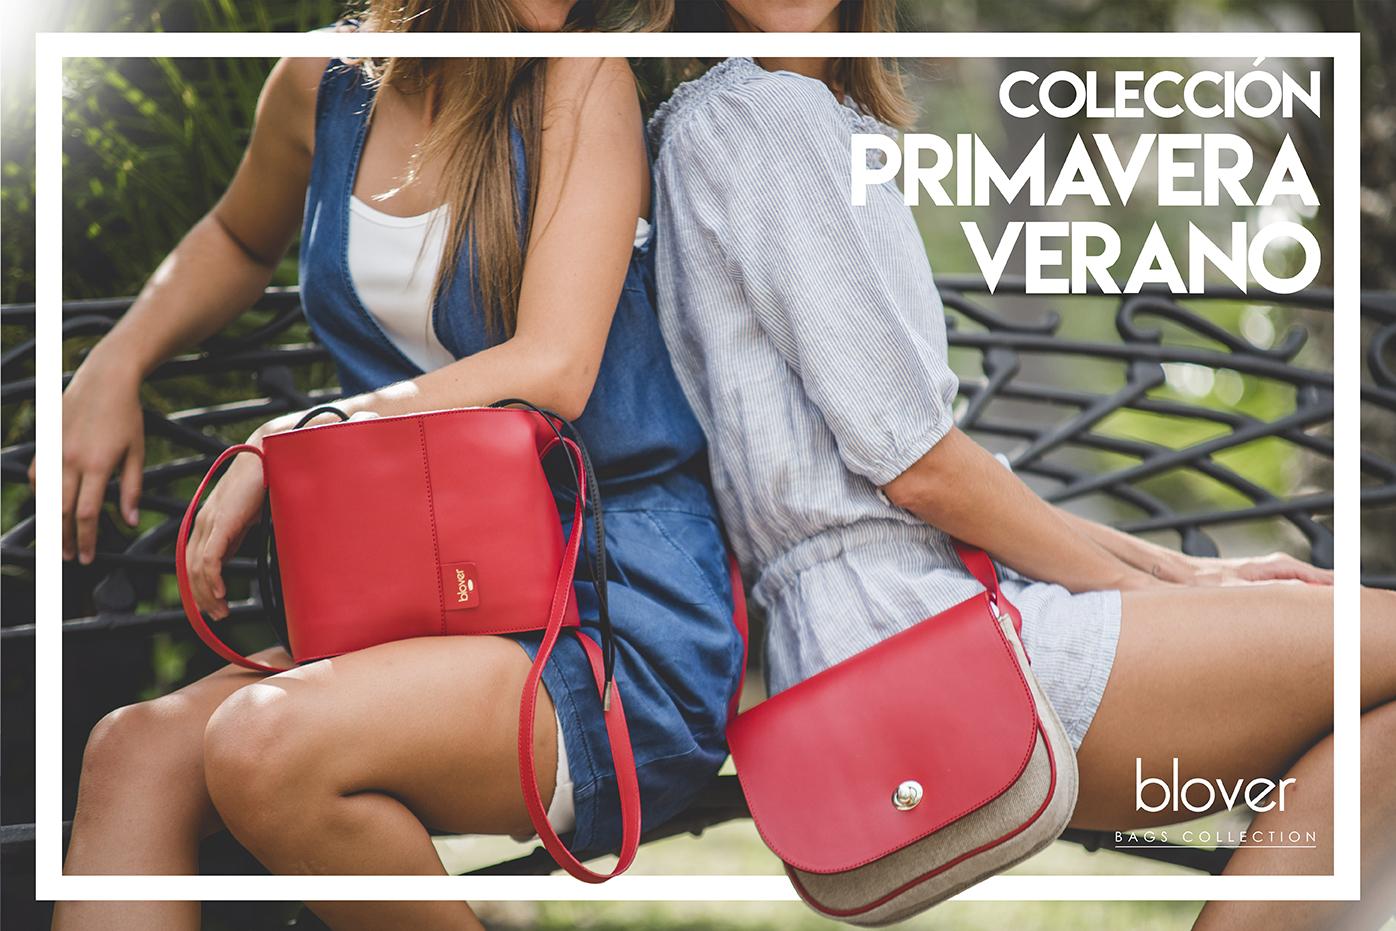 Colección de bolsos Primavera Verano 2017